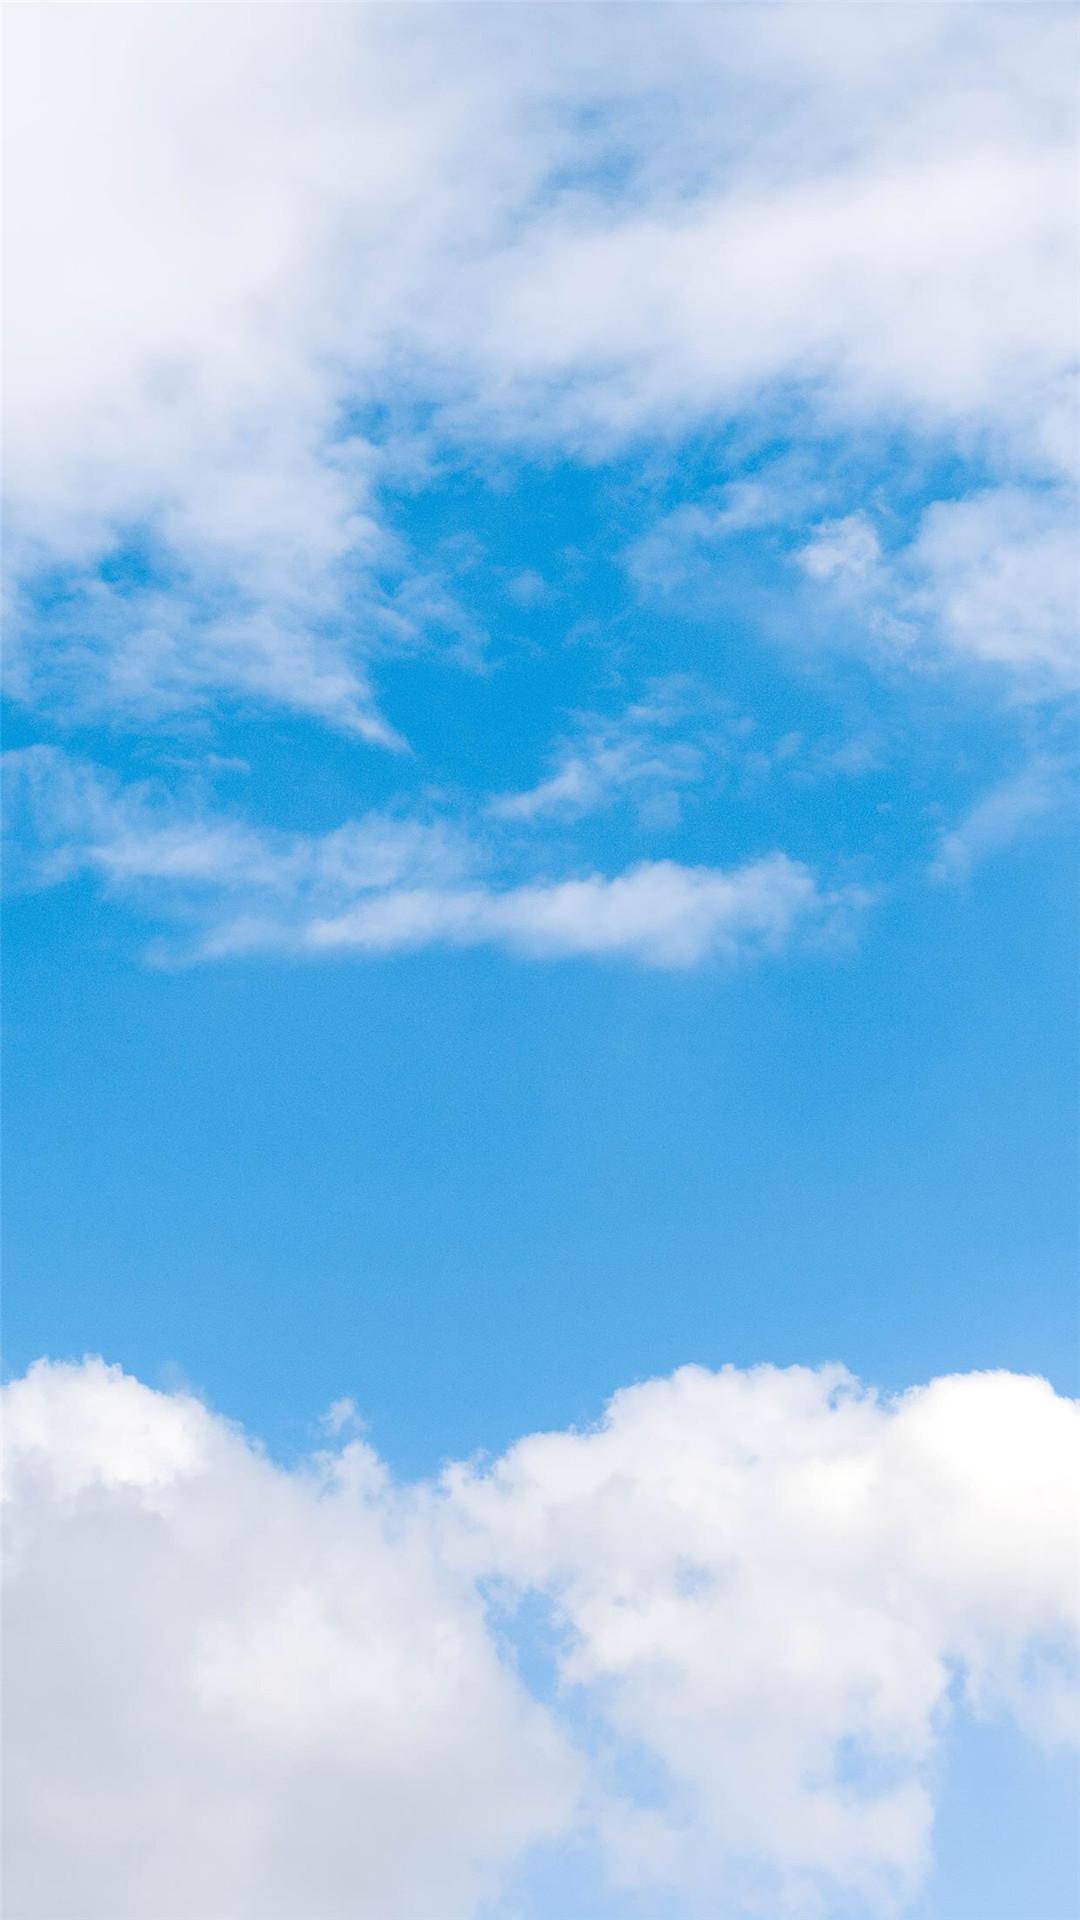 蓝天白云风景图片苹果手机动态壁纸